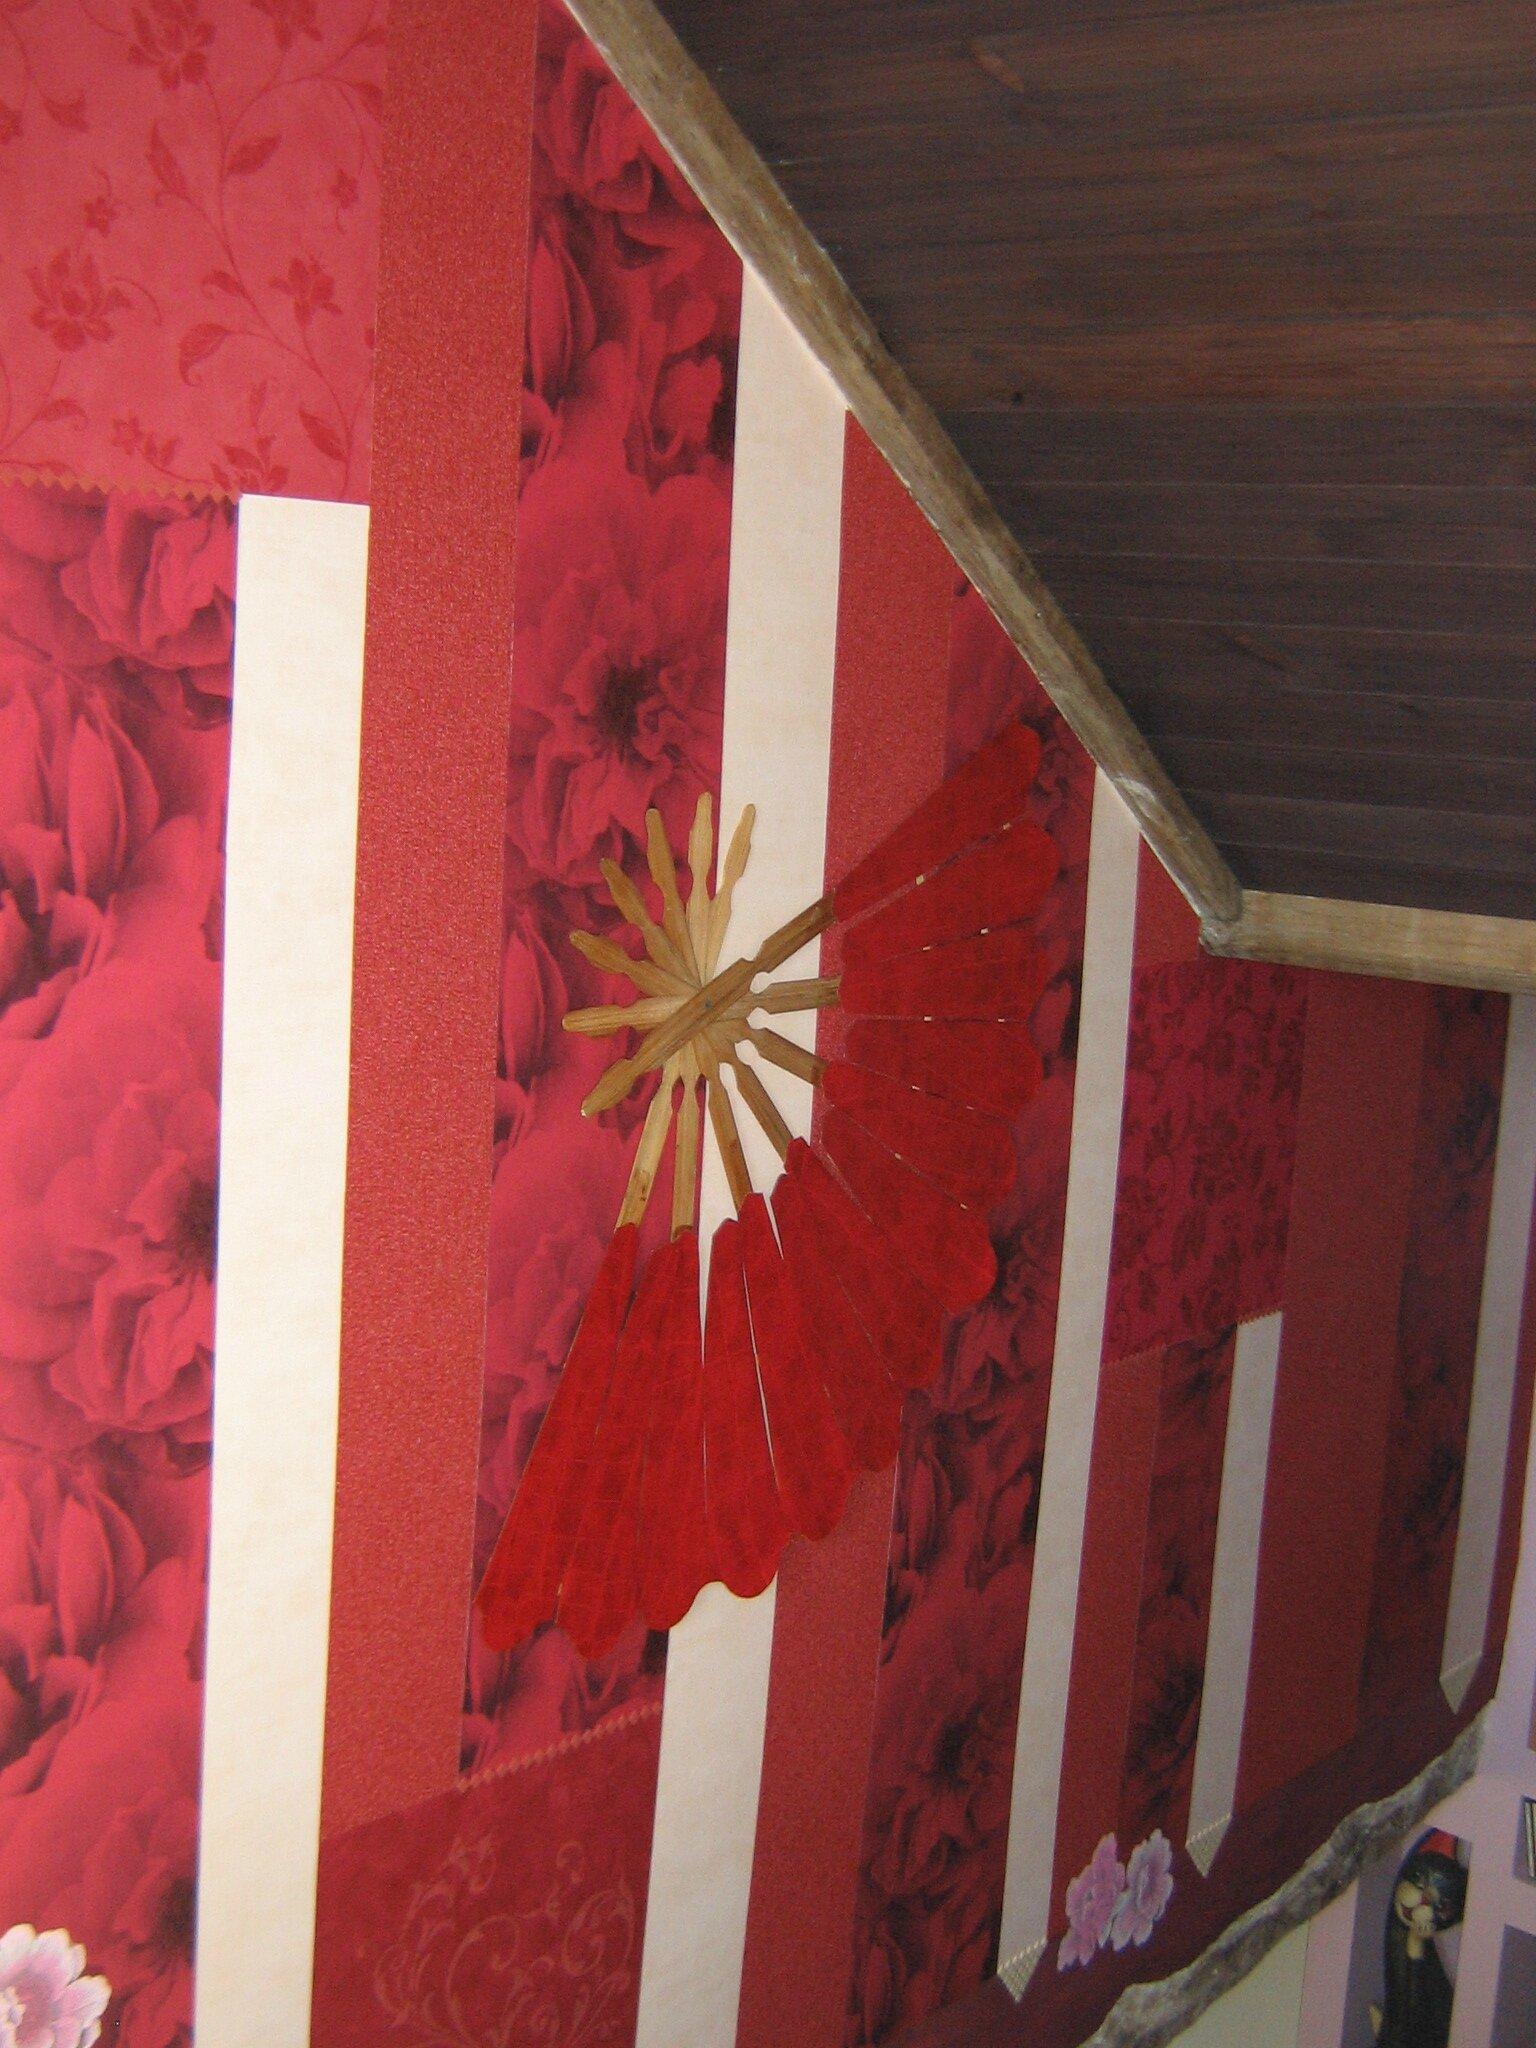 D coration murale en papier peint dans un escalier l s for Decoration murale papier